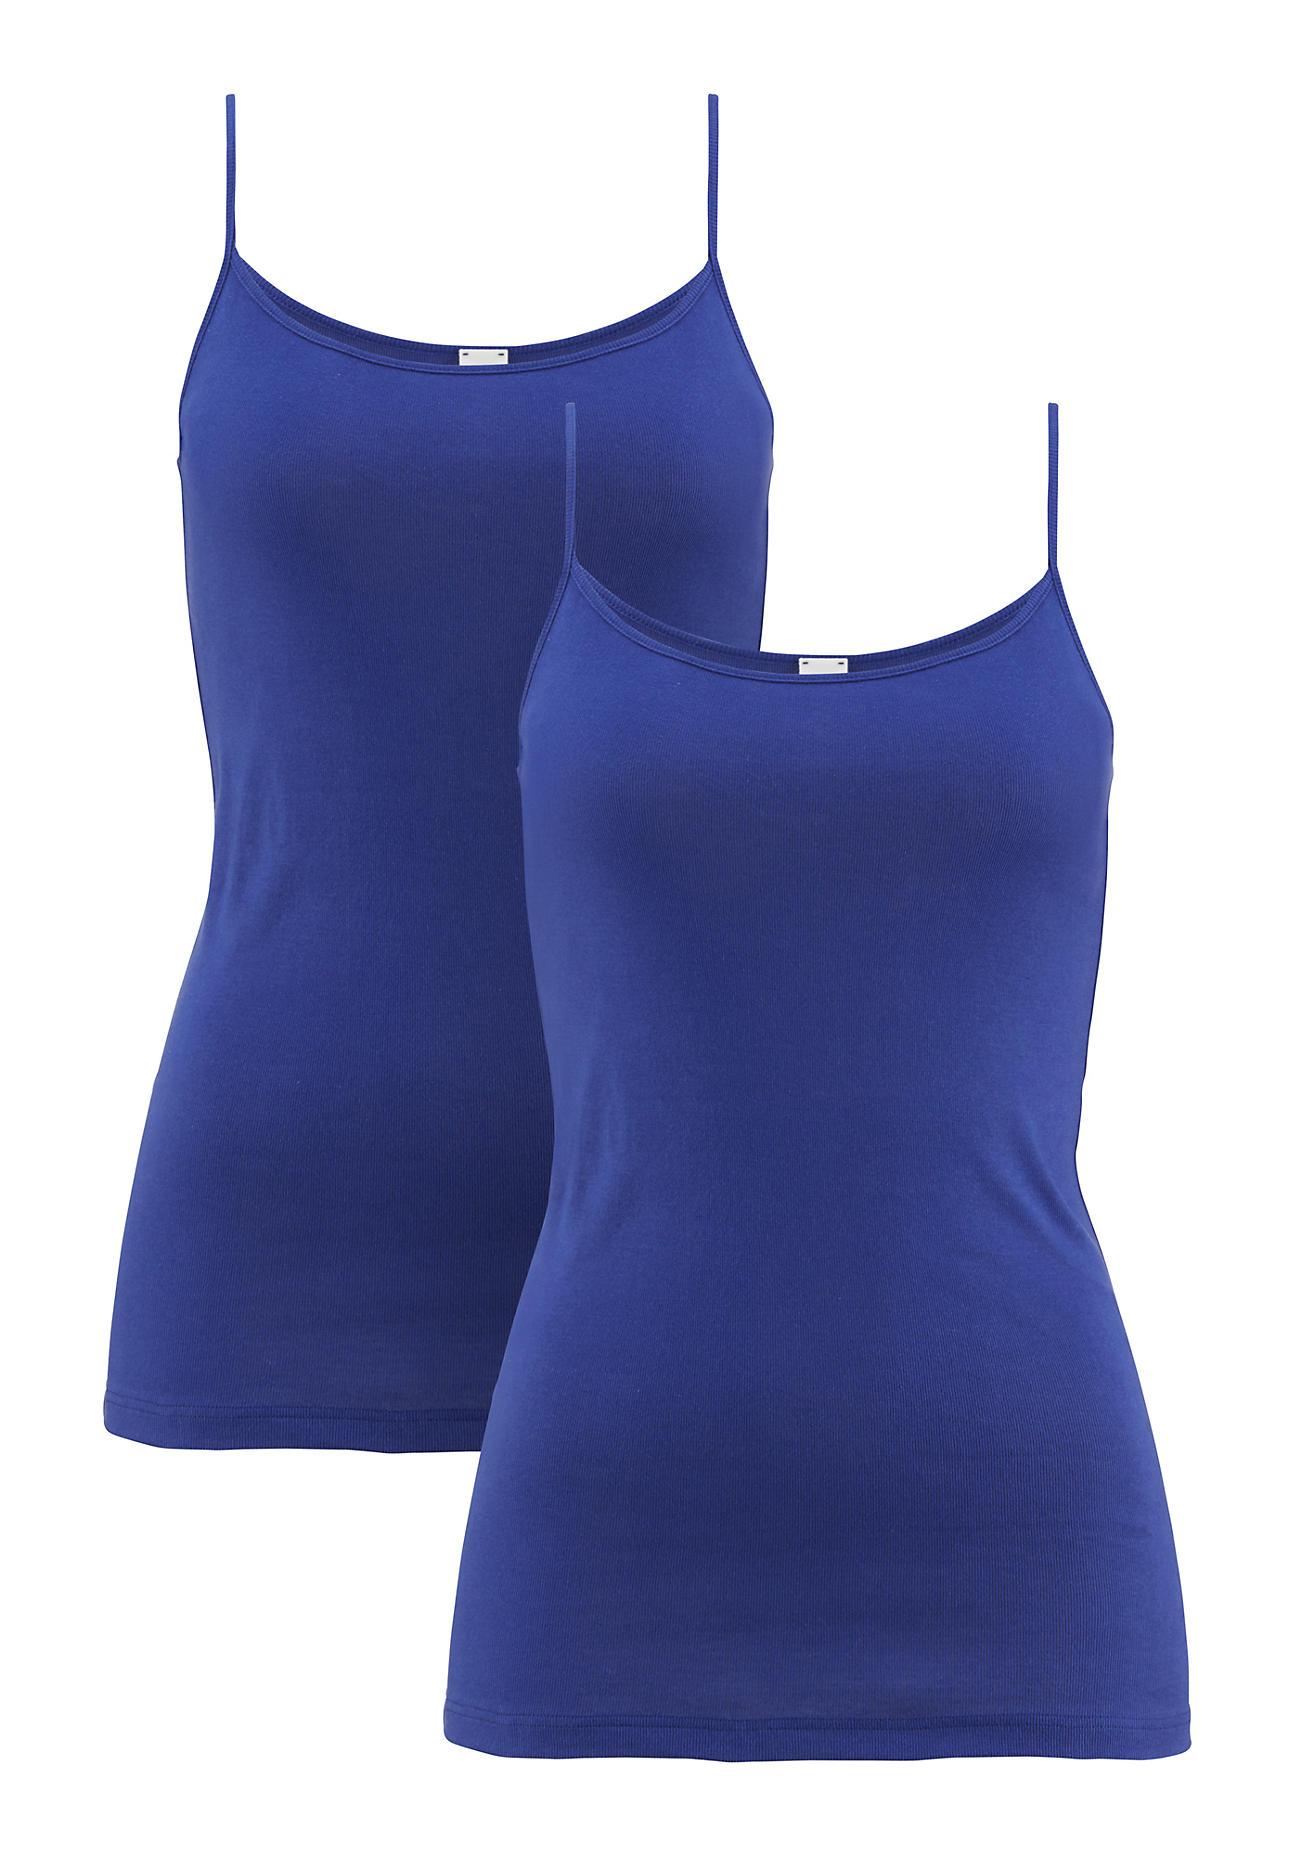 hessnatur Damen Top PureDAILY im 2er Set aus Bio Baumwolle – blau – Größe 38